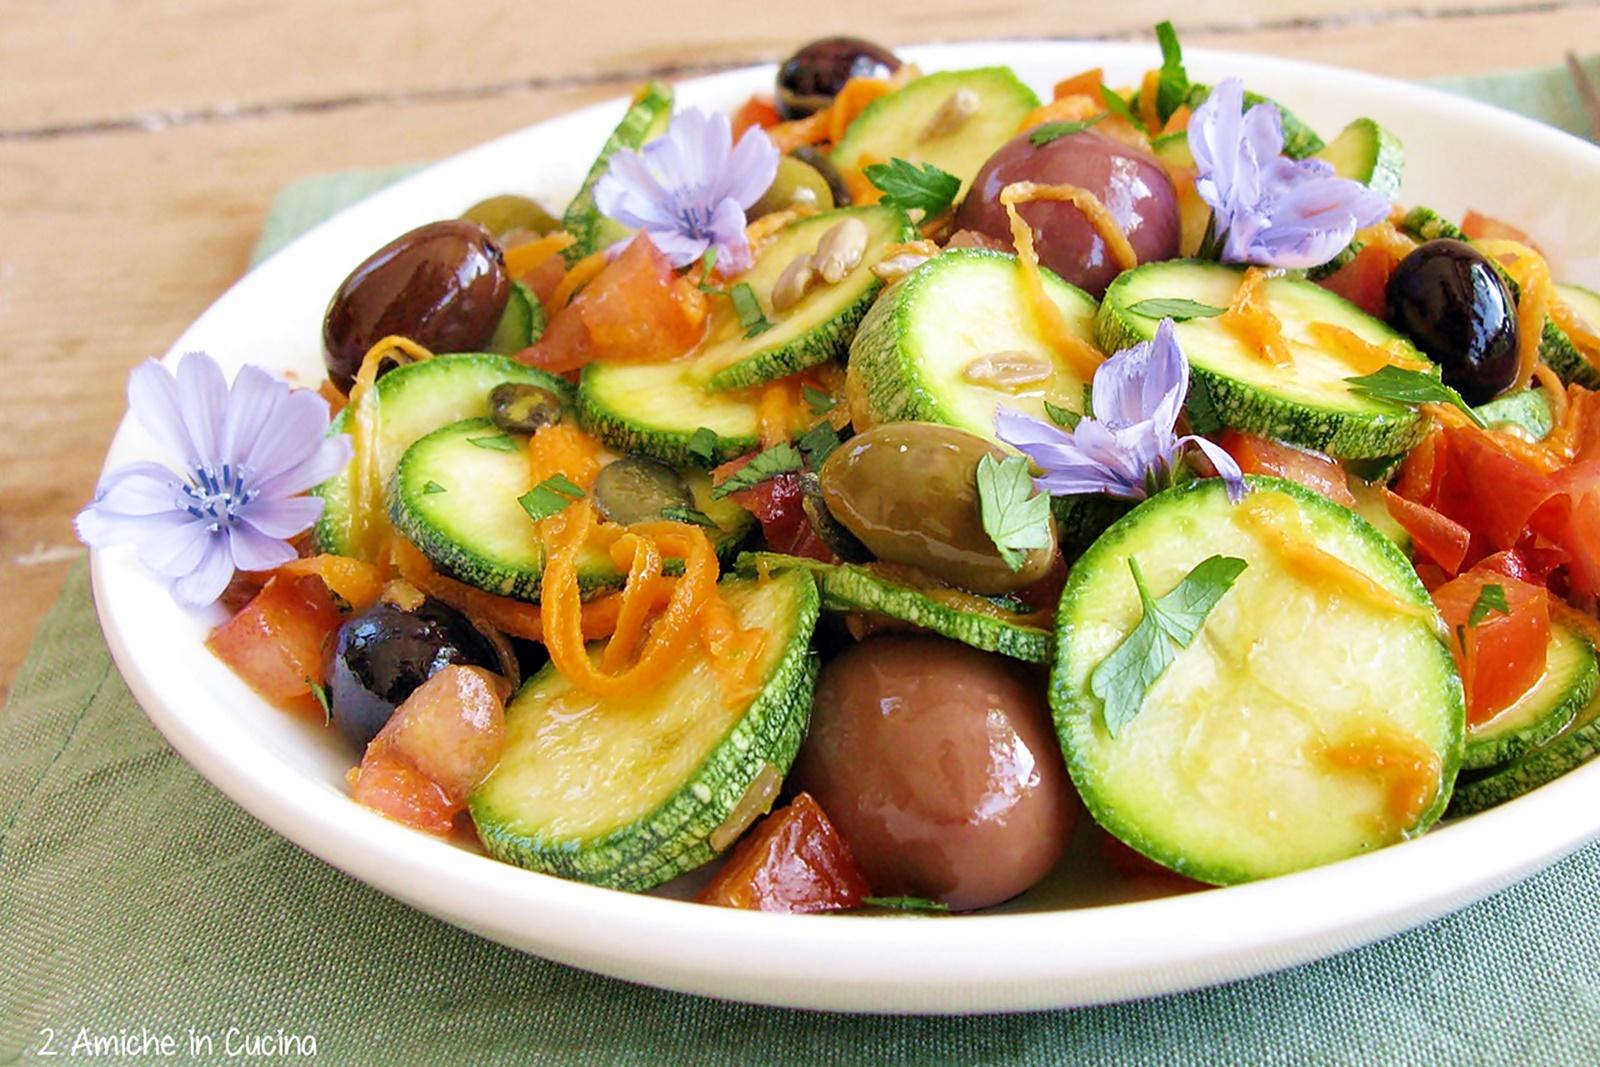 Insalata di zucchine crude con olive piccanti